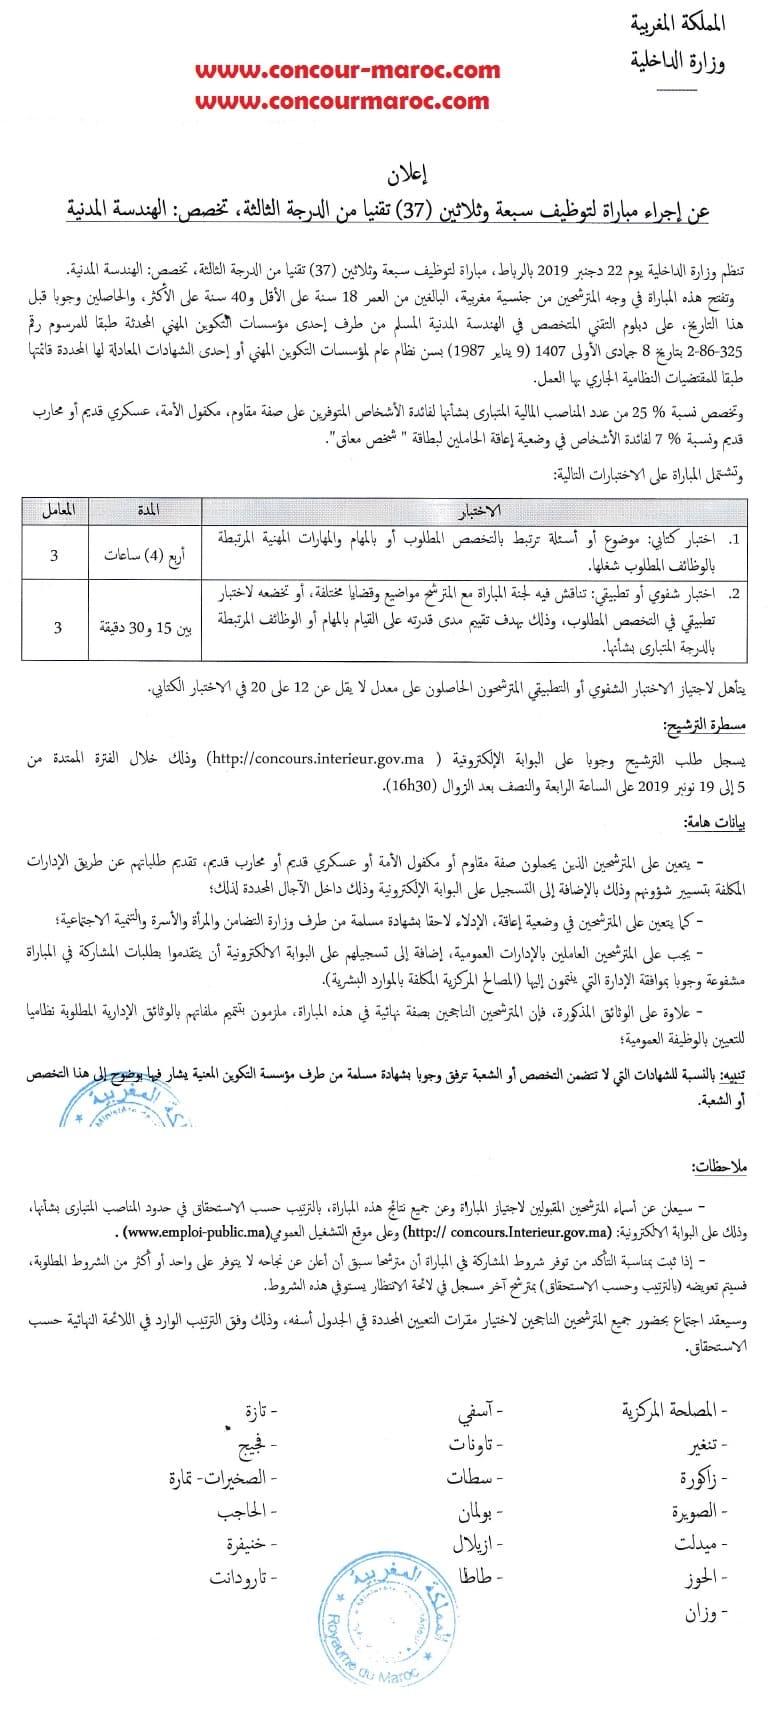 وزارة الداخلية مباراة لتوظيف 42 تقني متخصص بالسلم 9 آخر أجل 19 نونبر 2019 Contec10